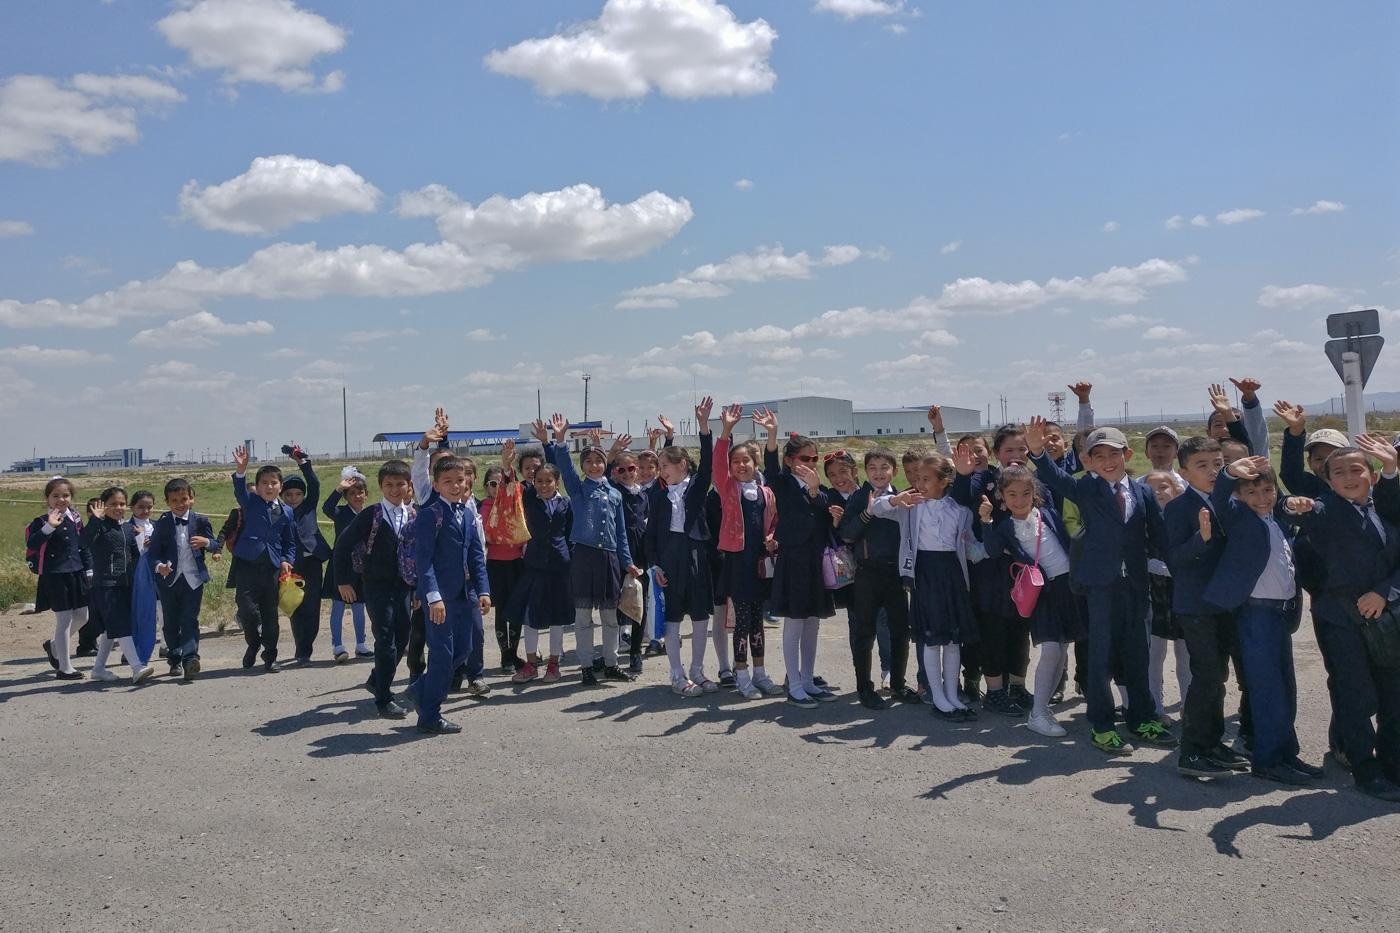 Begrüßung durch eine Schulklasse.